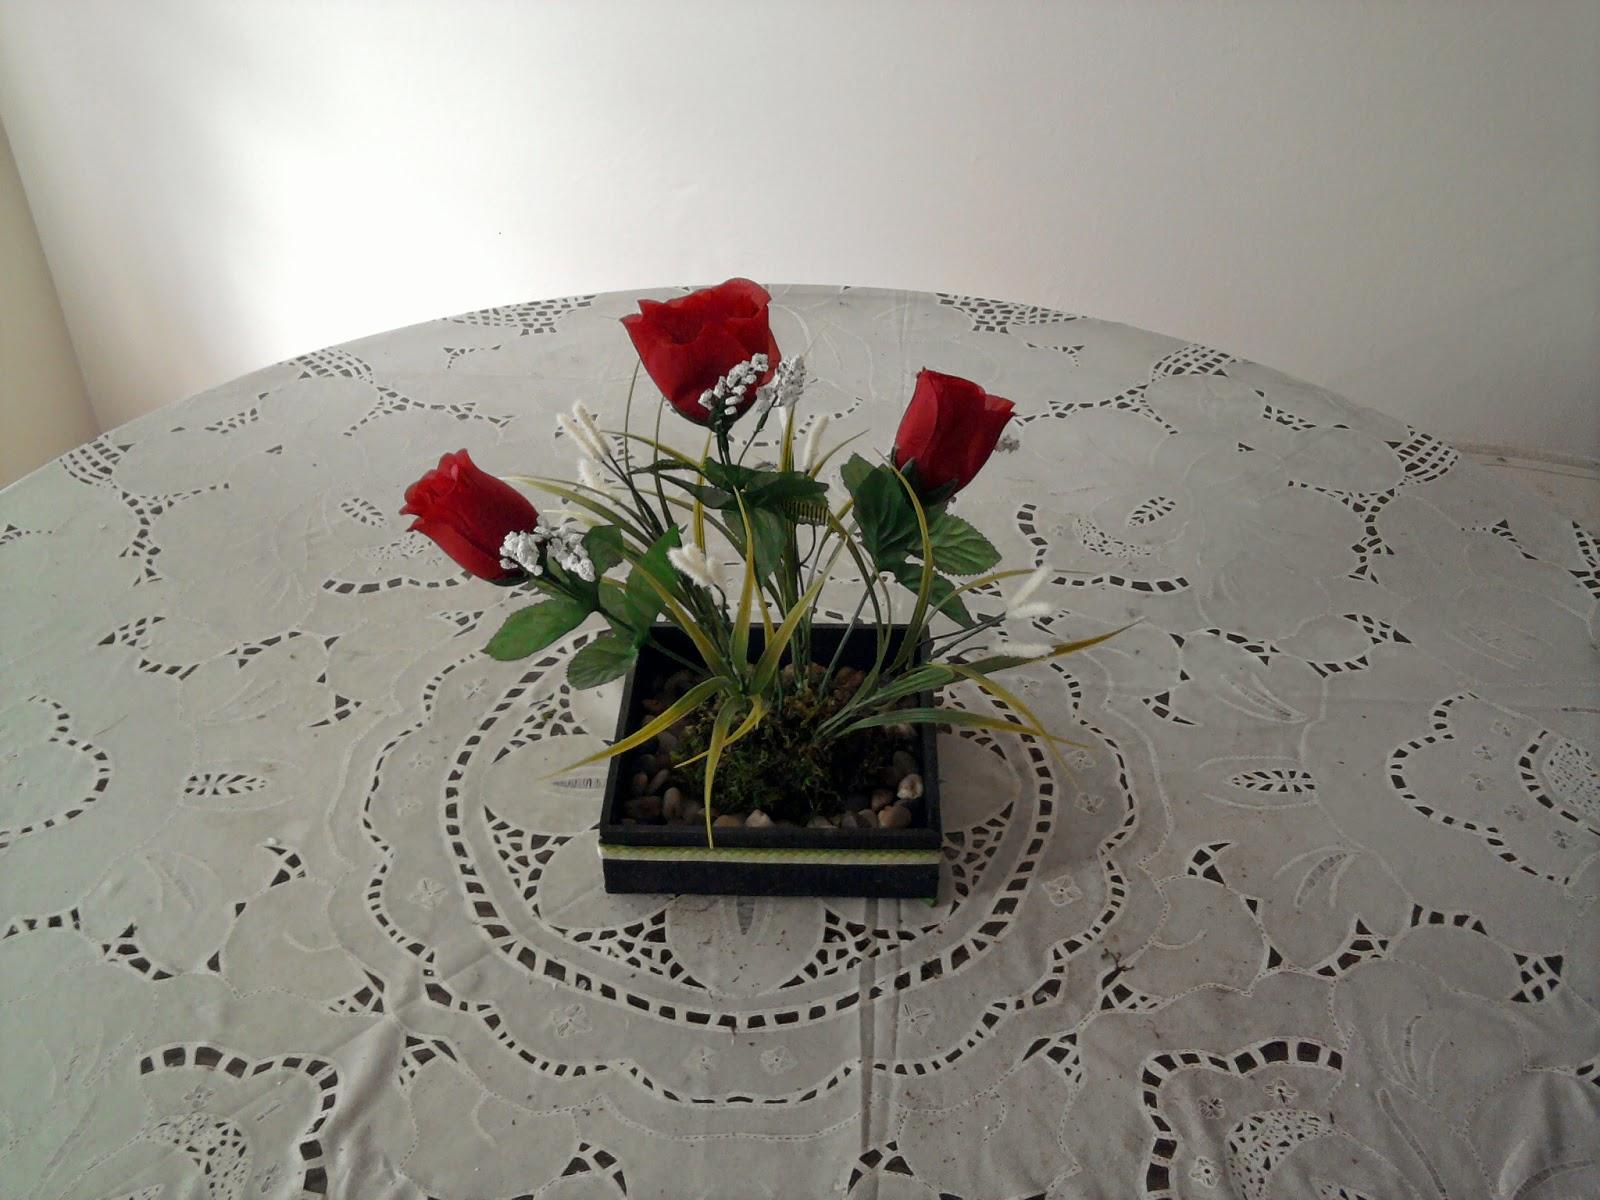 descargar arreglos de rosas Mejores Imágenes - Imagenes De Arreglos De Rosas Grandes